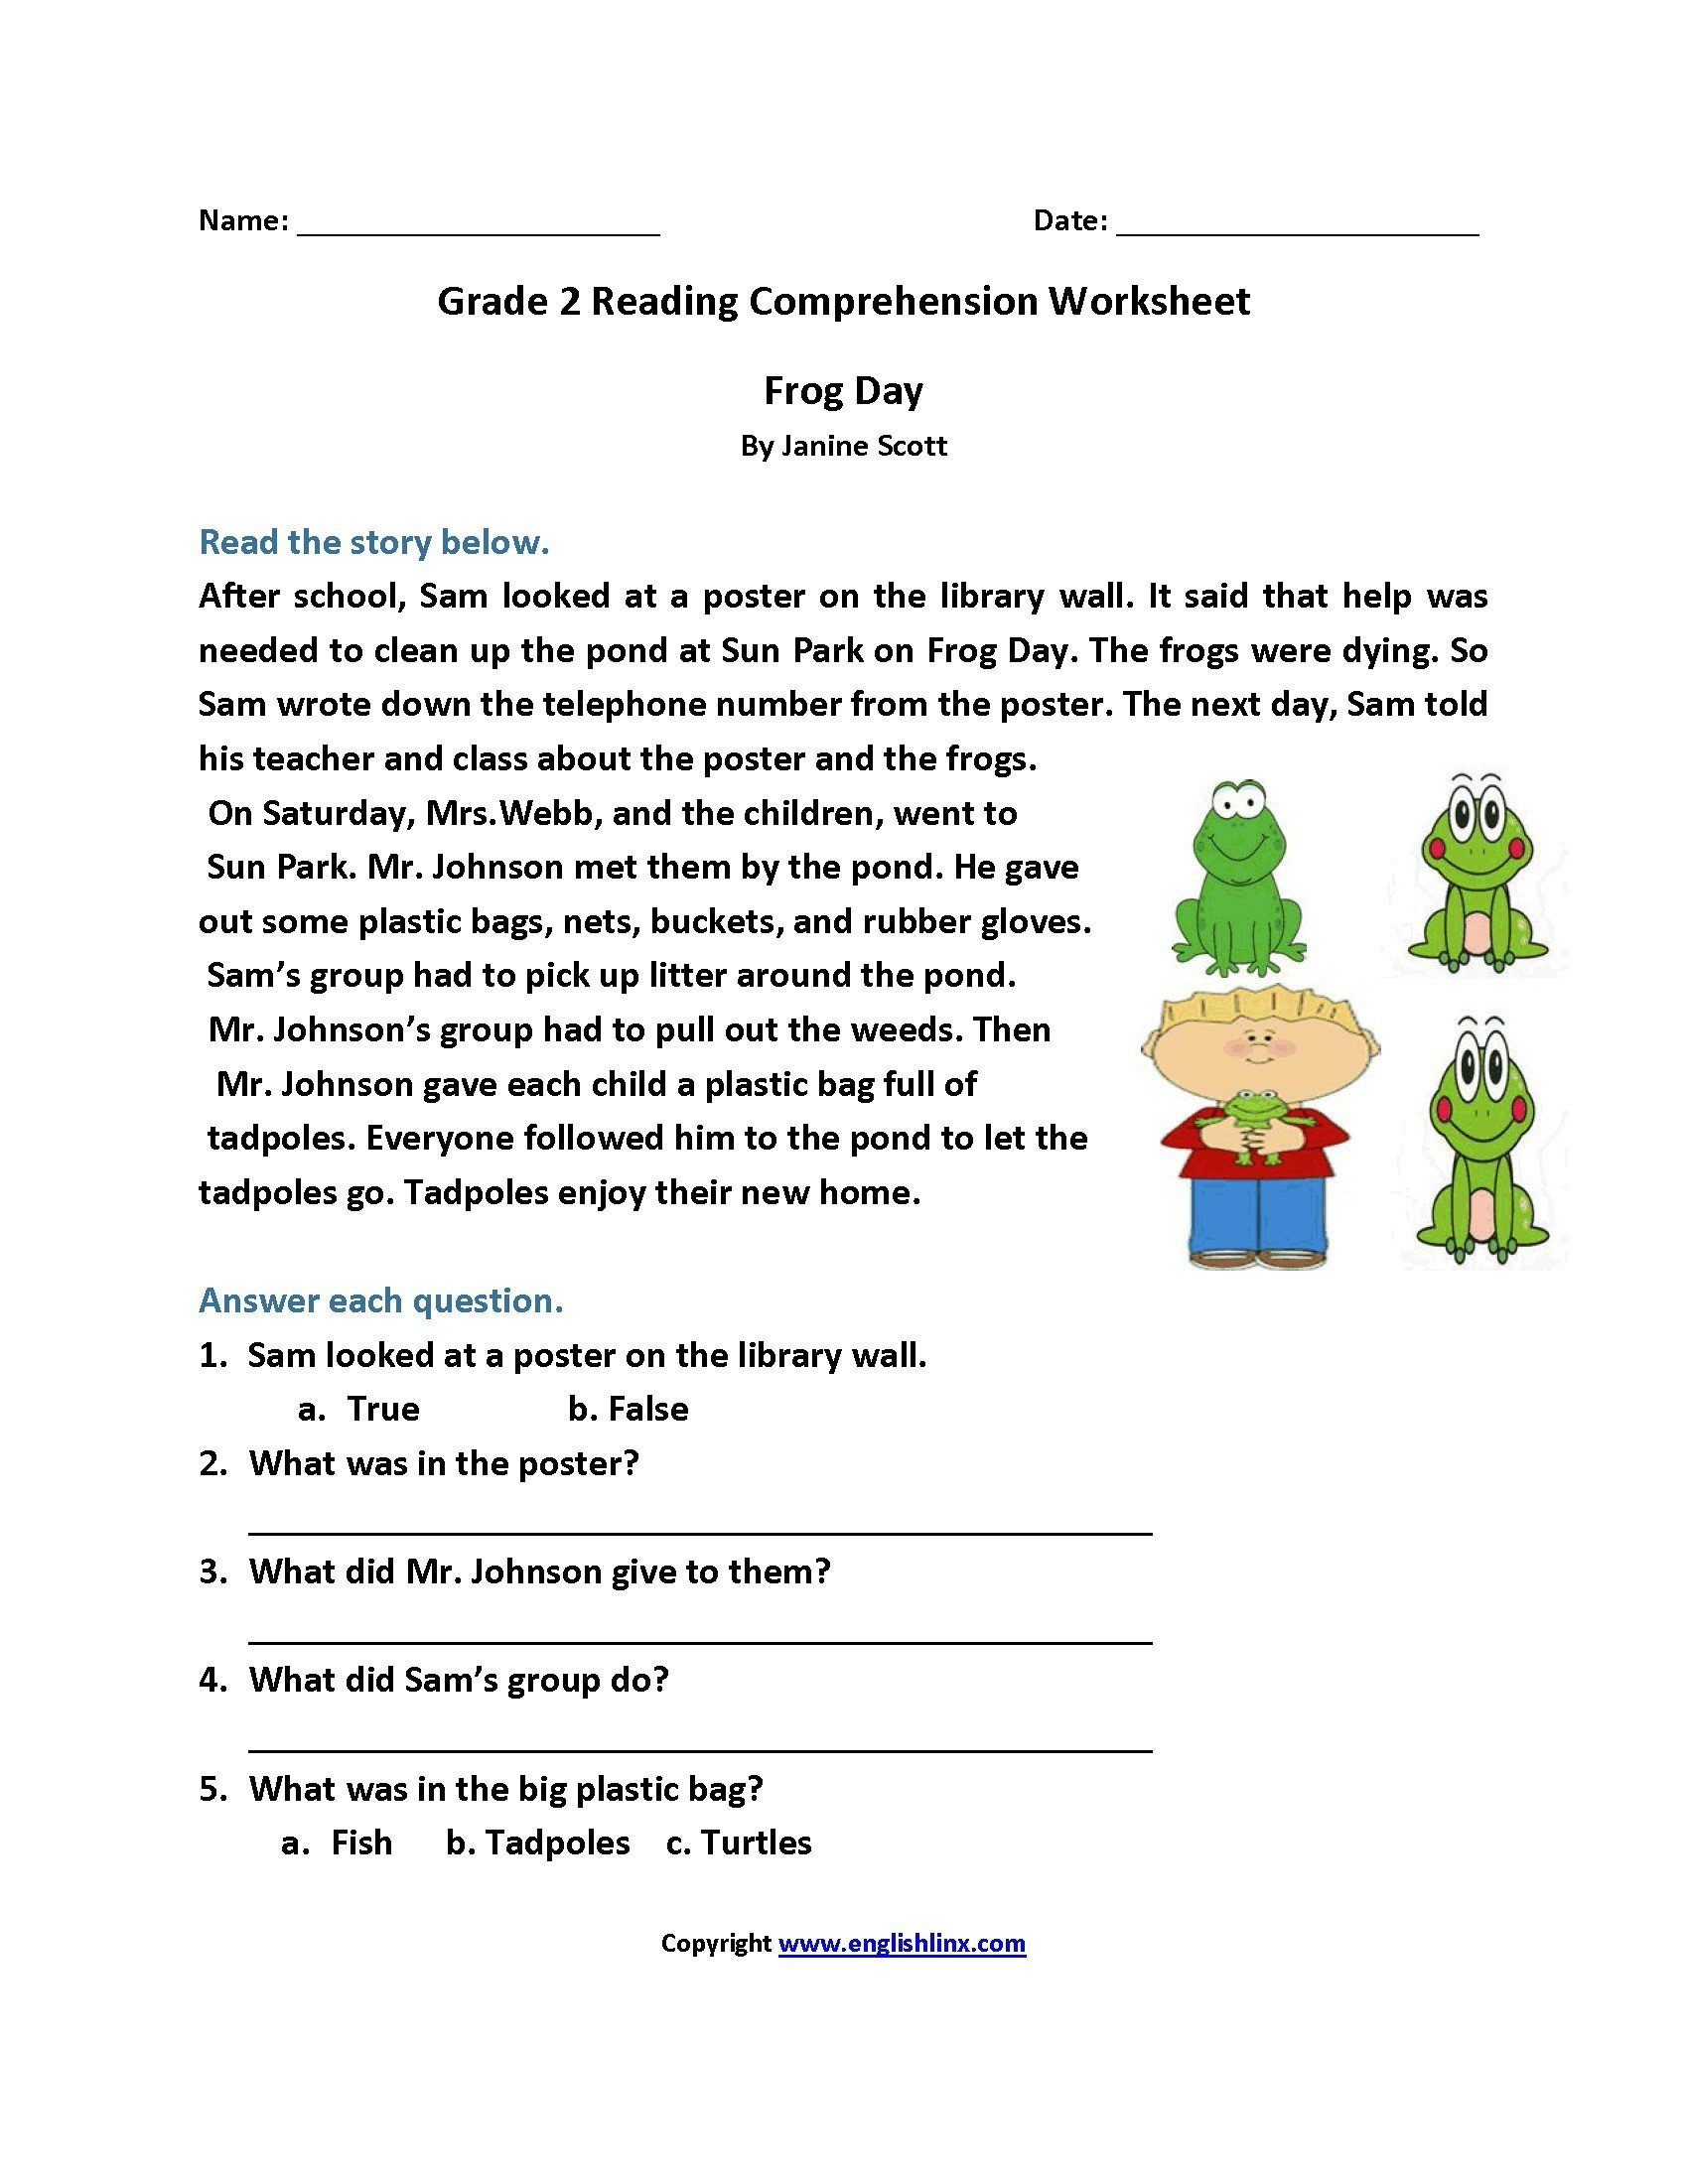 Worksheet Shapes Worksheet Idea Bedsheet For Kids Adding And Intended For 3Rd Grade Reading Comprehension Worksheets Multiple Choice Pdf